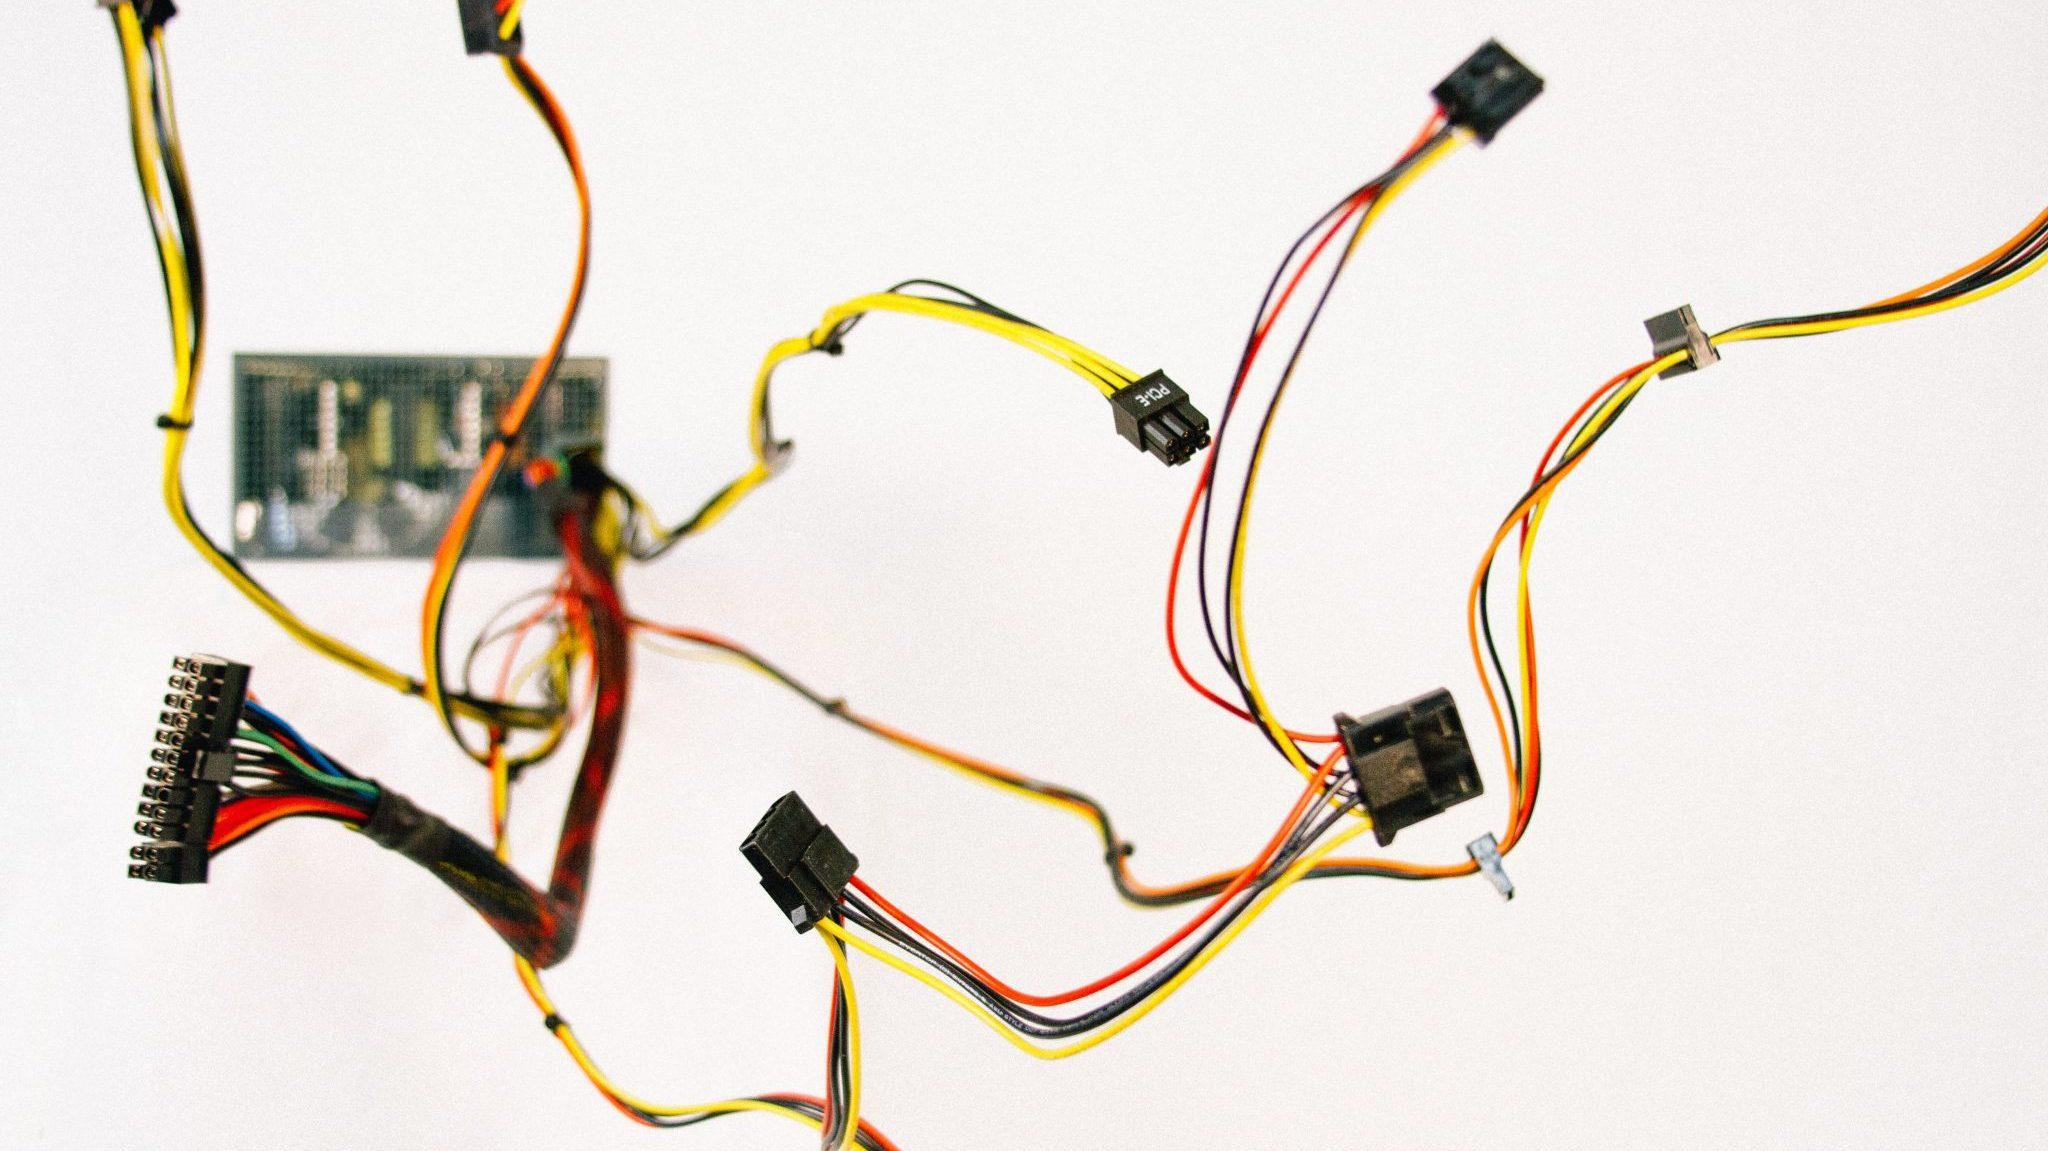 Building a Feedforward Neural Network using Pytorch NN Module